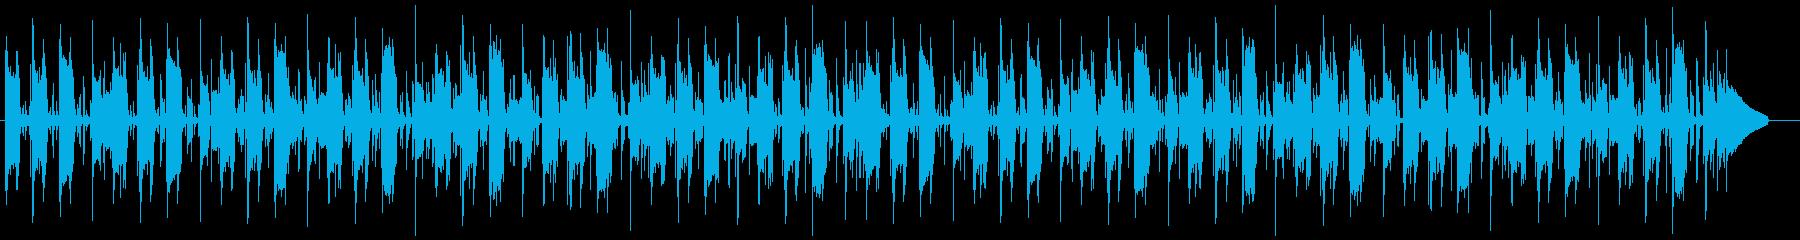 楽しいノリノリのポップなファンクの再生済みの波形